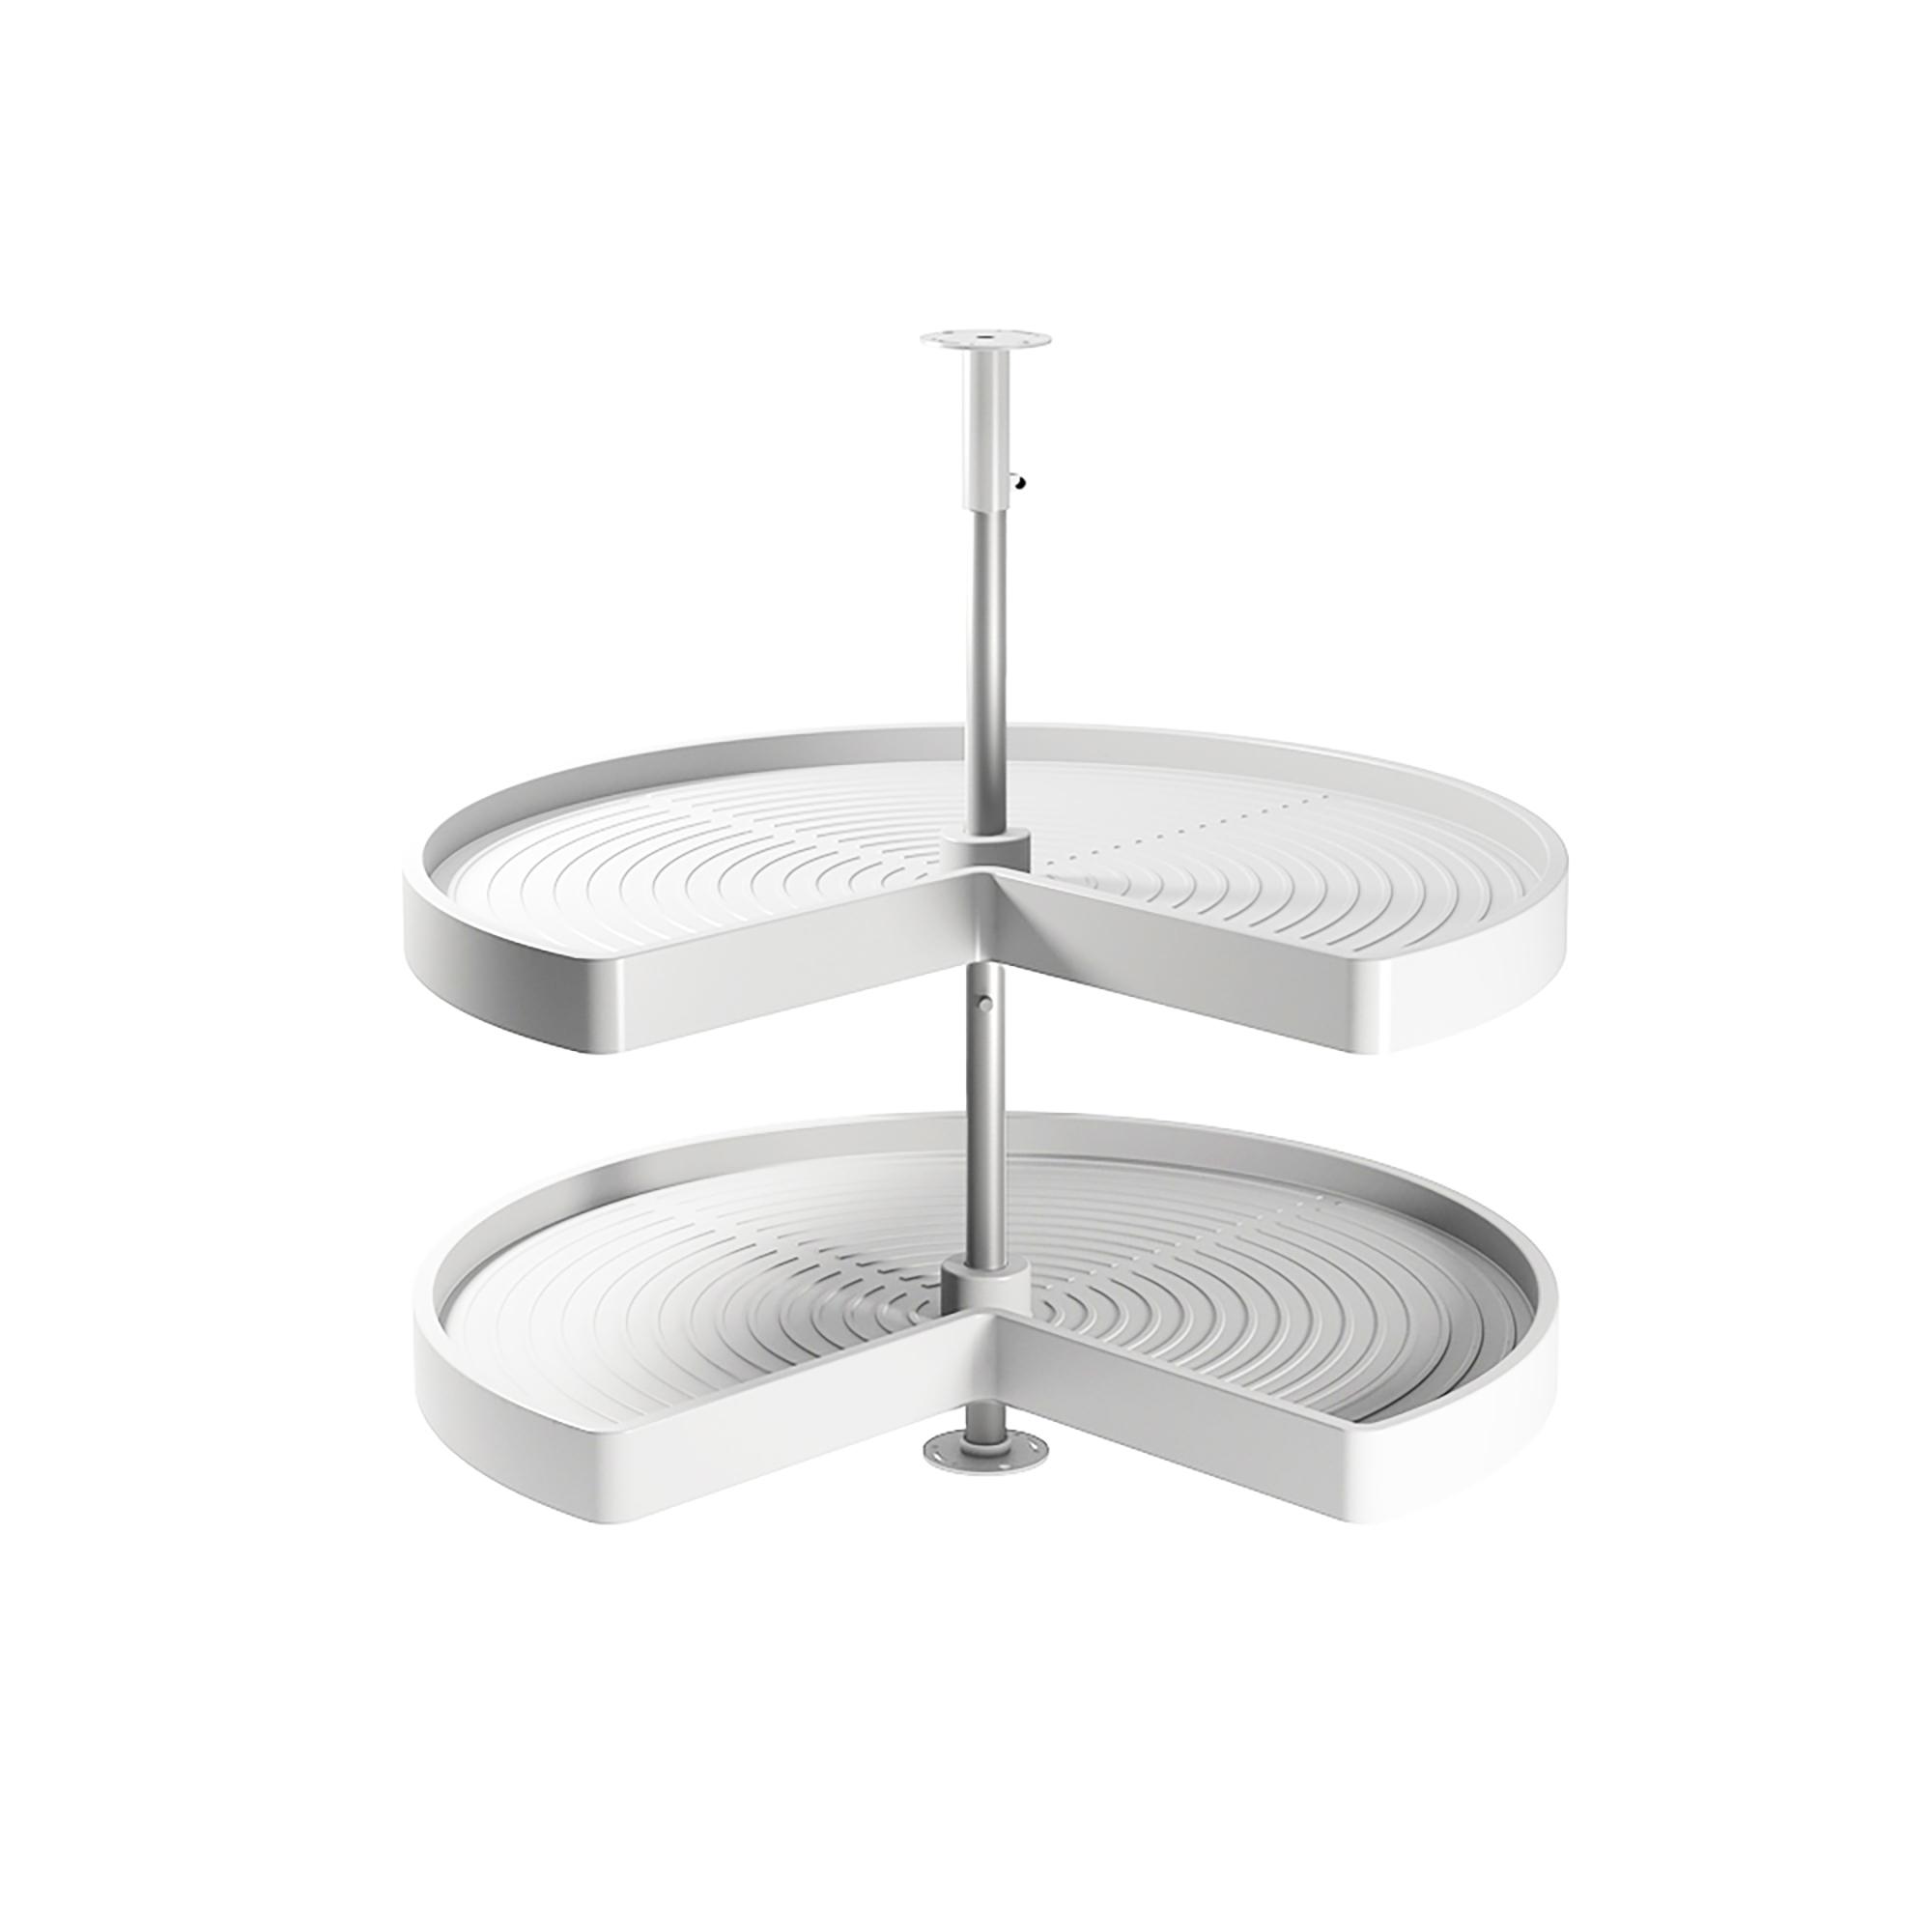 Emuca Kit Cestello girevole per mobile di cucina, 270º, modulo 800 mm, Plastica e allumnio, Bianco